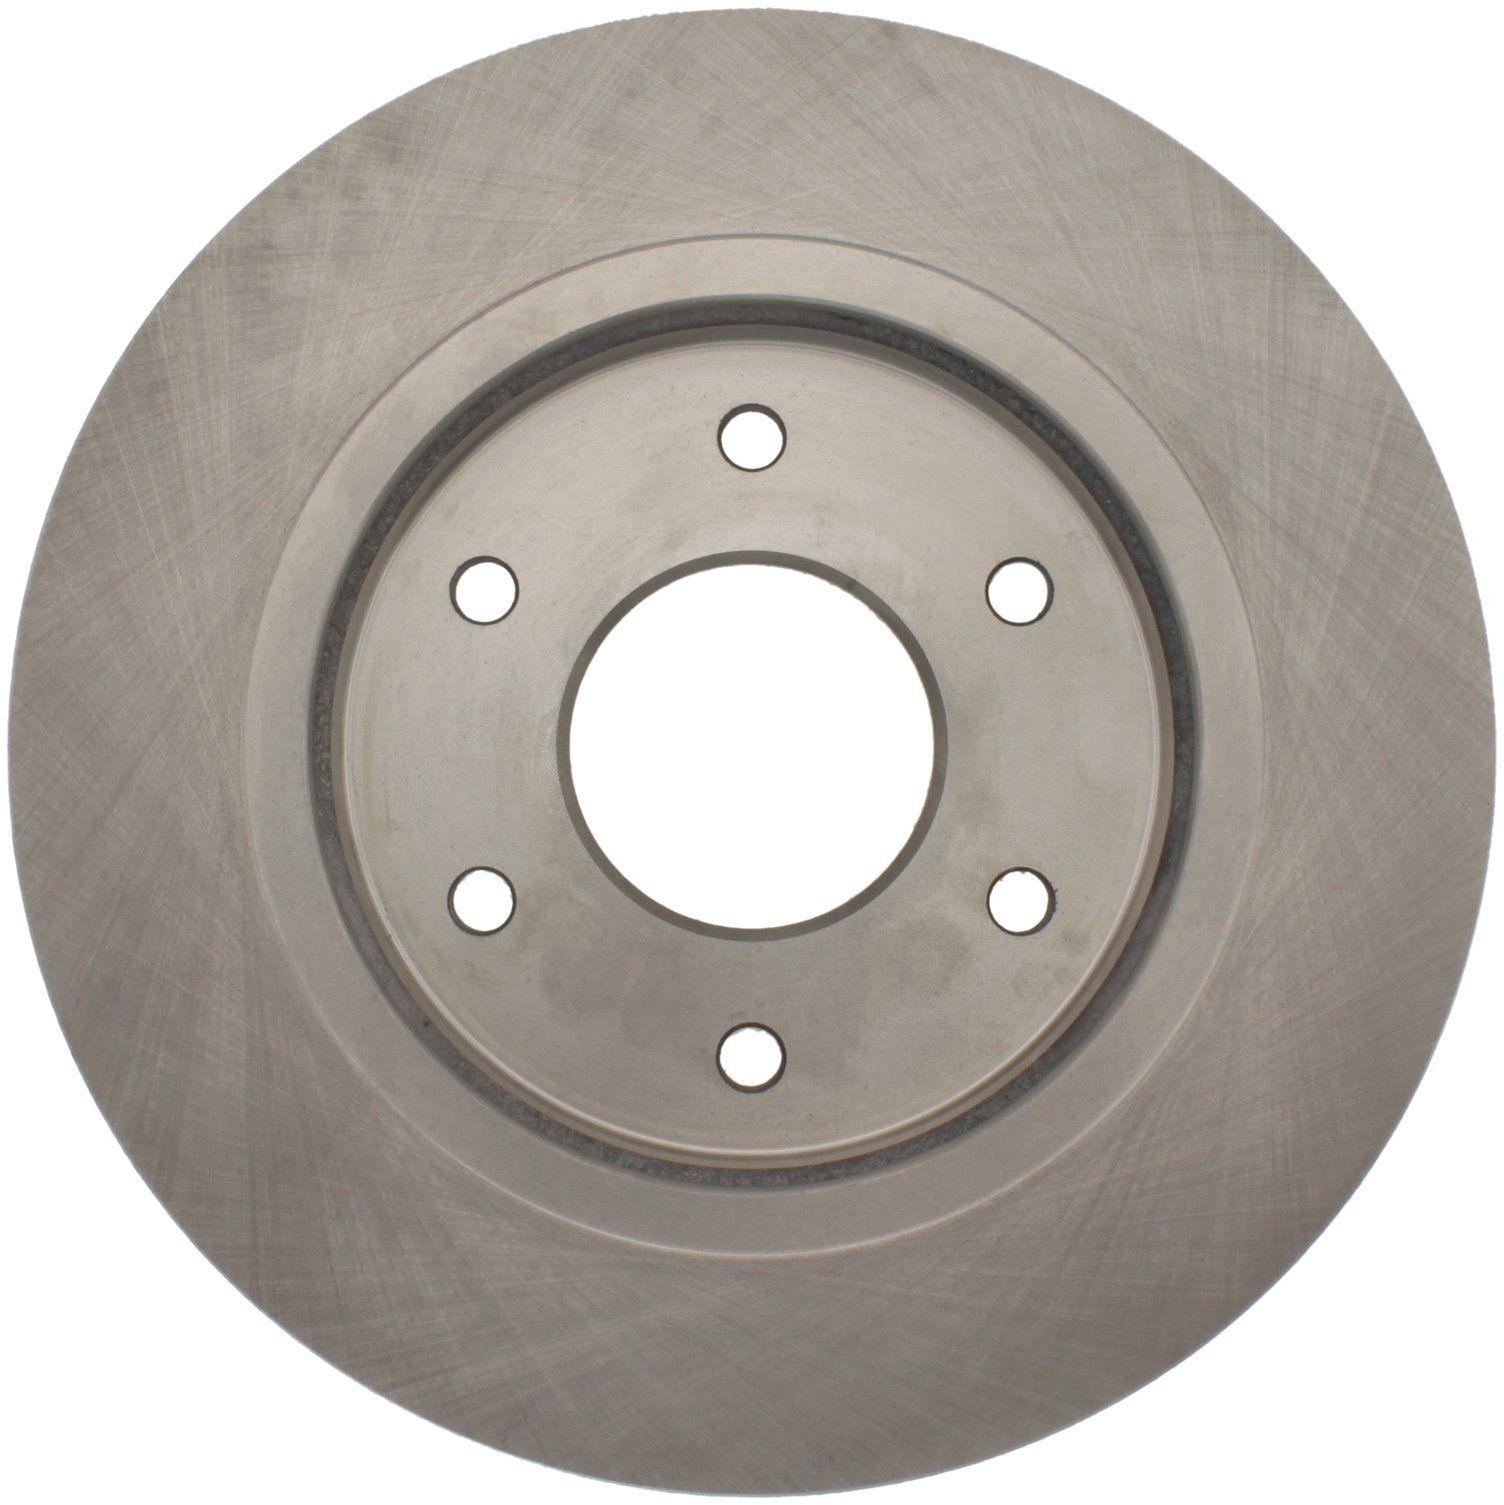 42 Length D/&D PowerDrive 16X1050 Metric Standard Replacement Belt Rubber B//5L Belt Cross Section